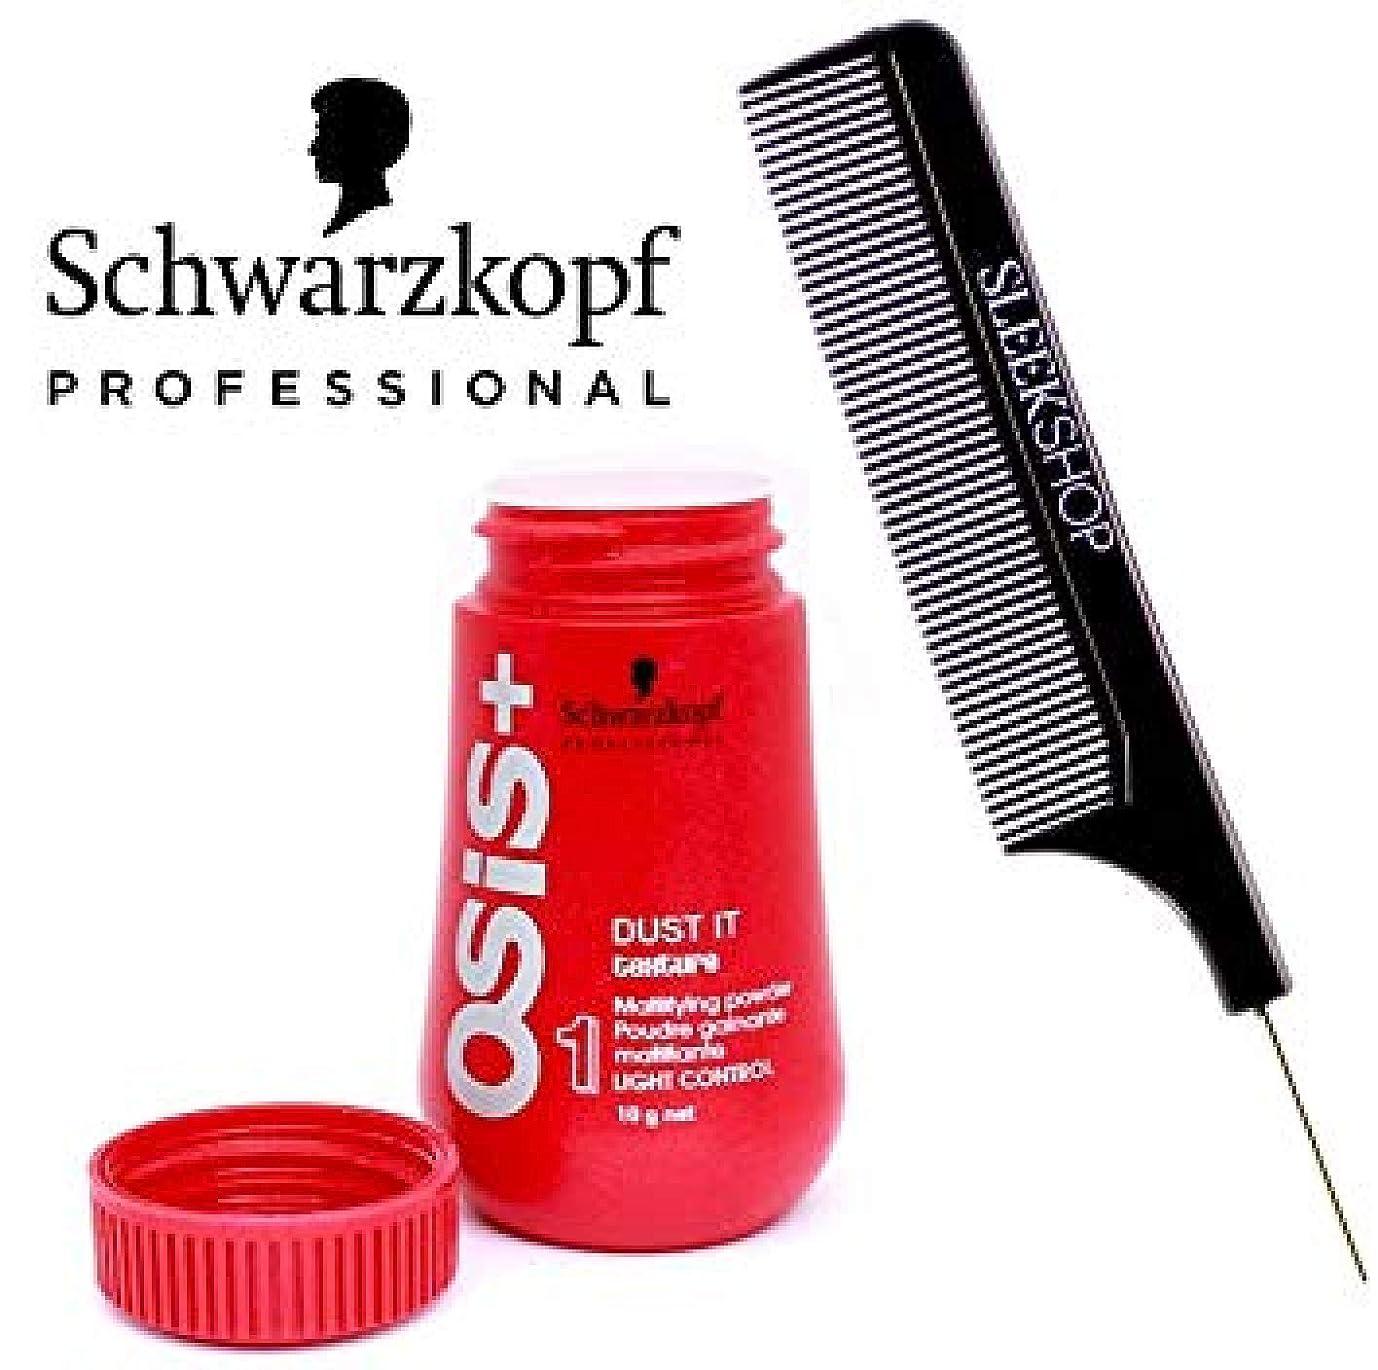 可決ブラウン分散Schwarzkopf OSISダストそれ - (なめらかなスチールピンテールくし付き)マティファイングパウダー 0.35オンス